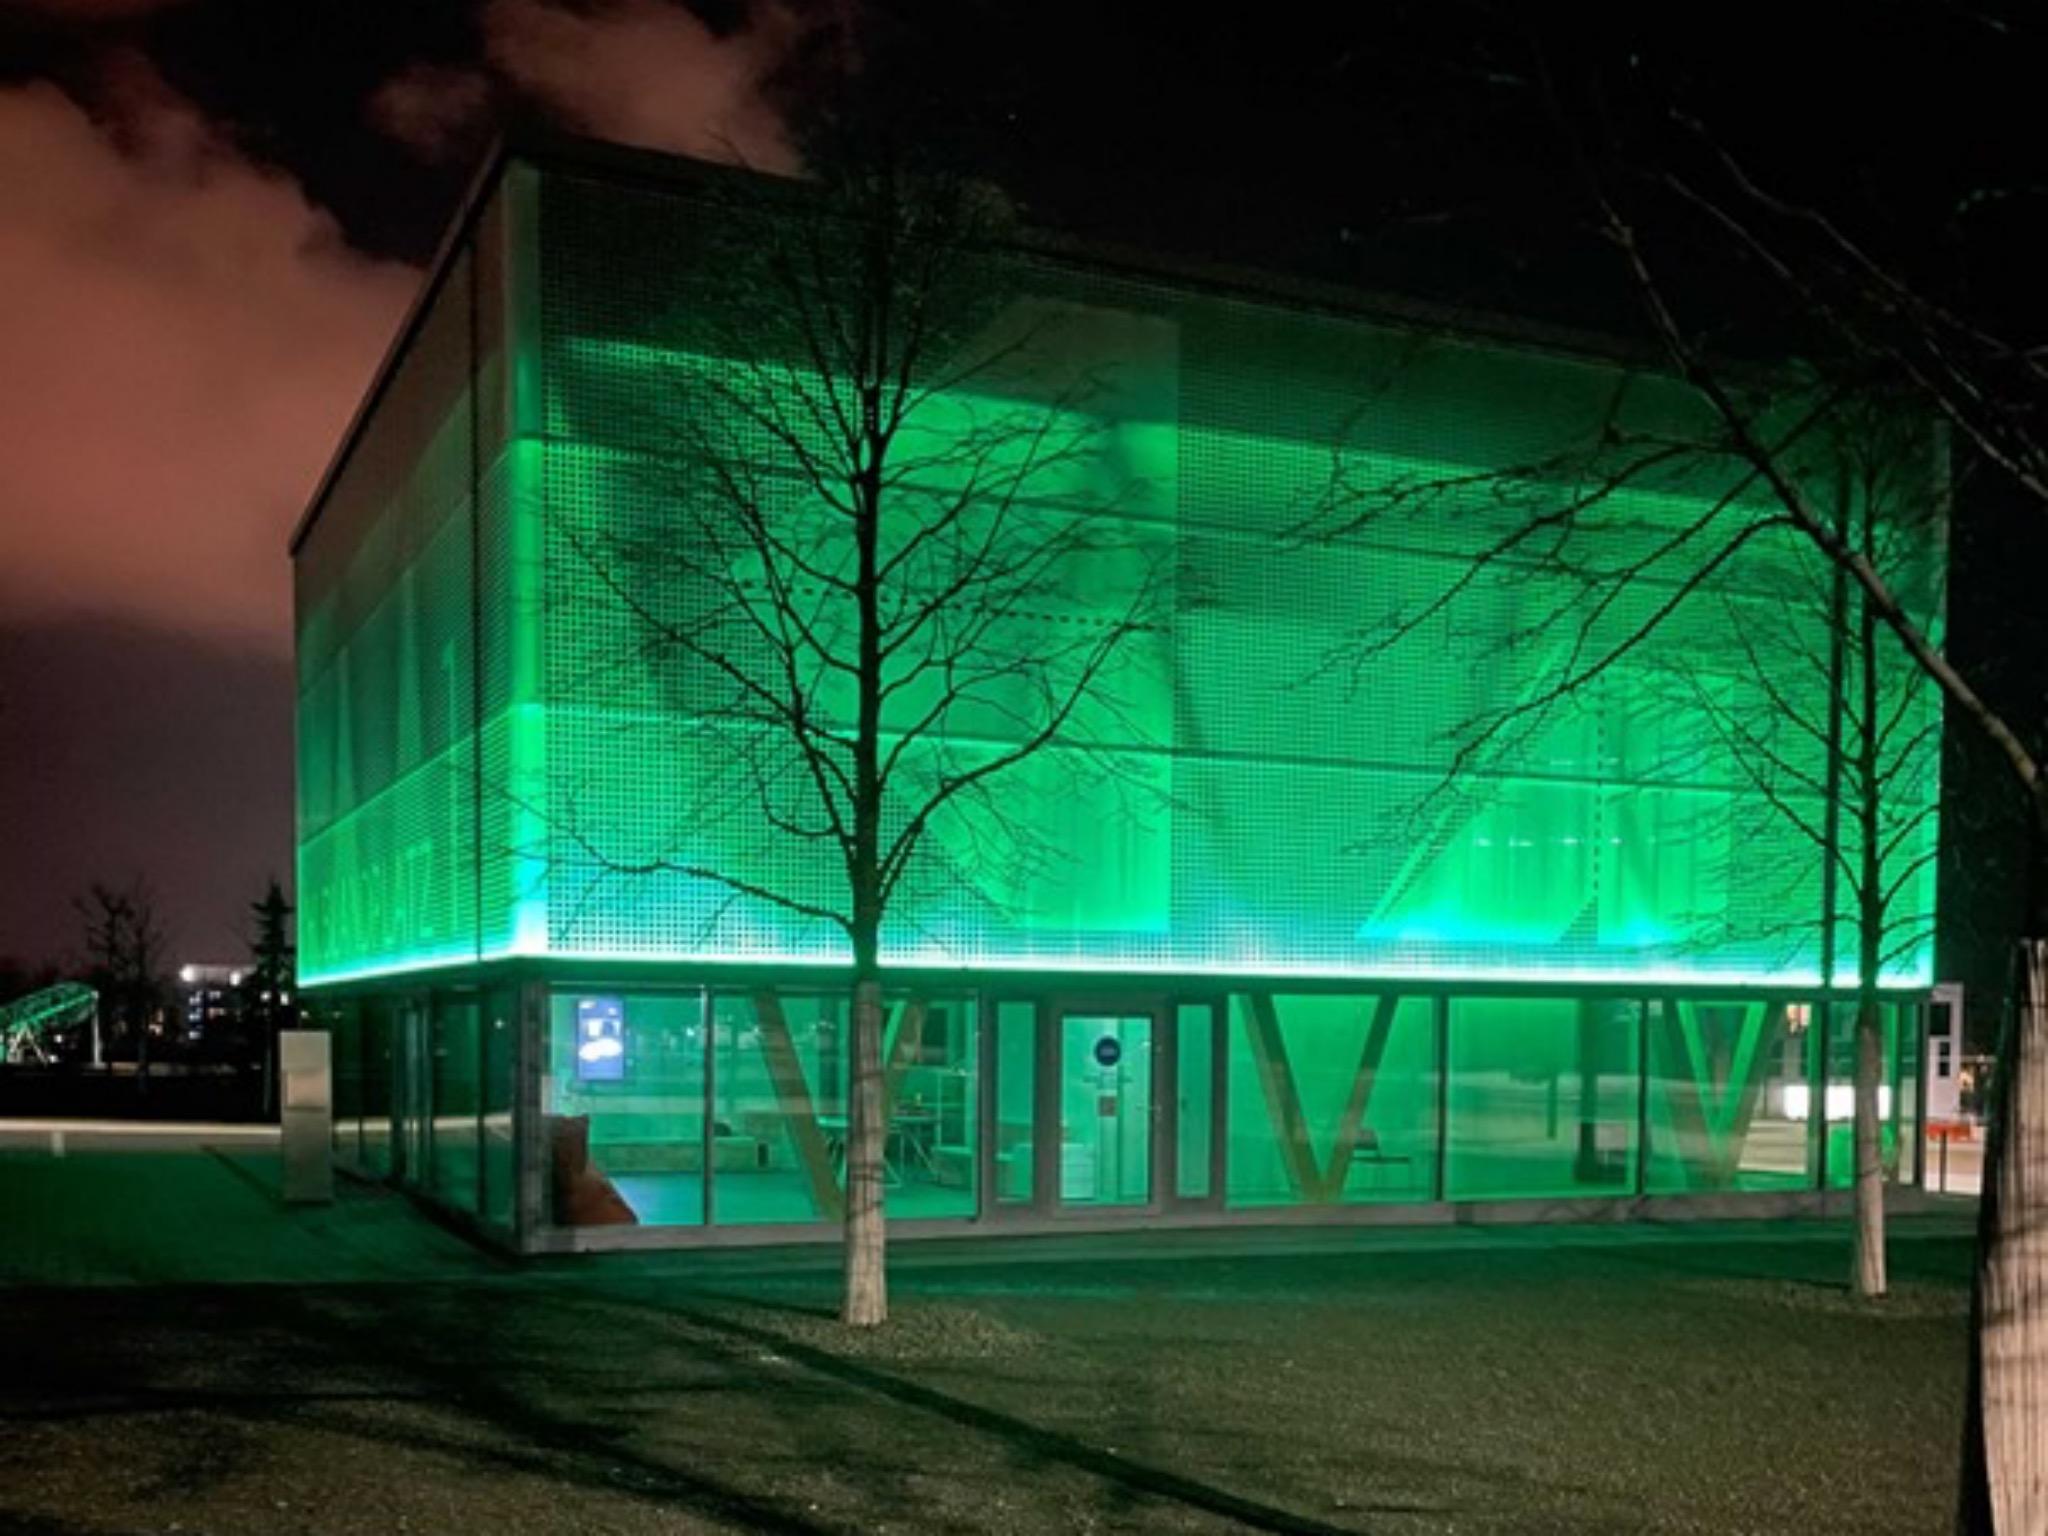 Grüner Gruß vom Hubland nach Irland. Foto: Christian Andersen